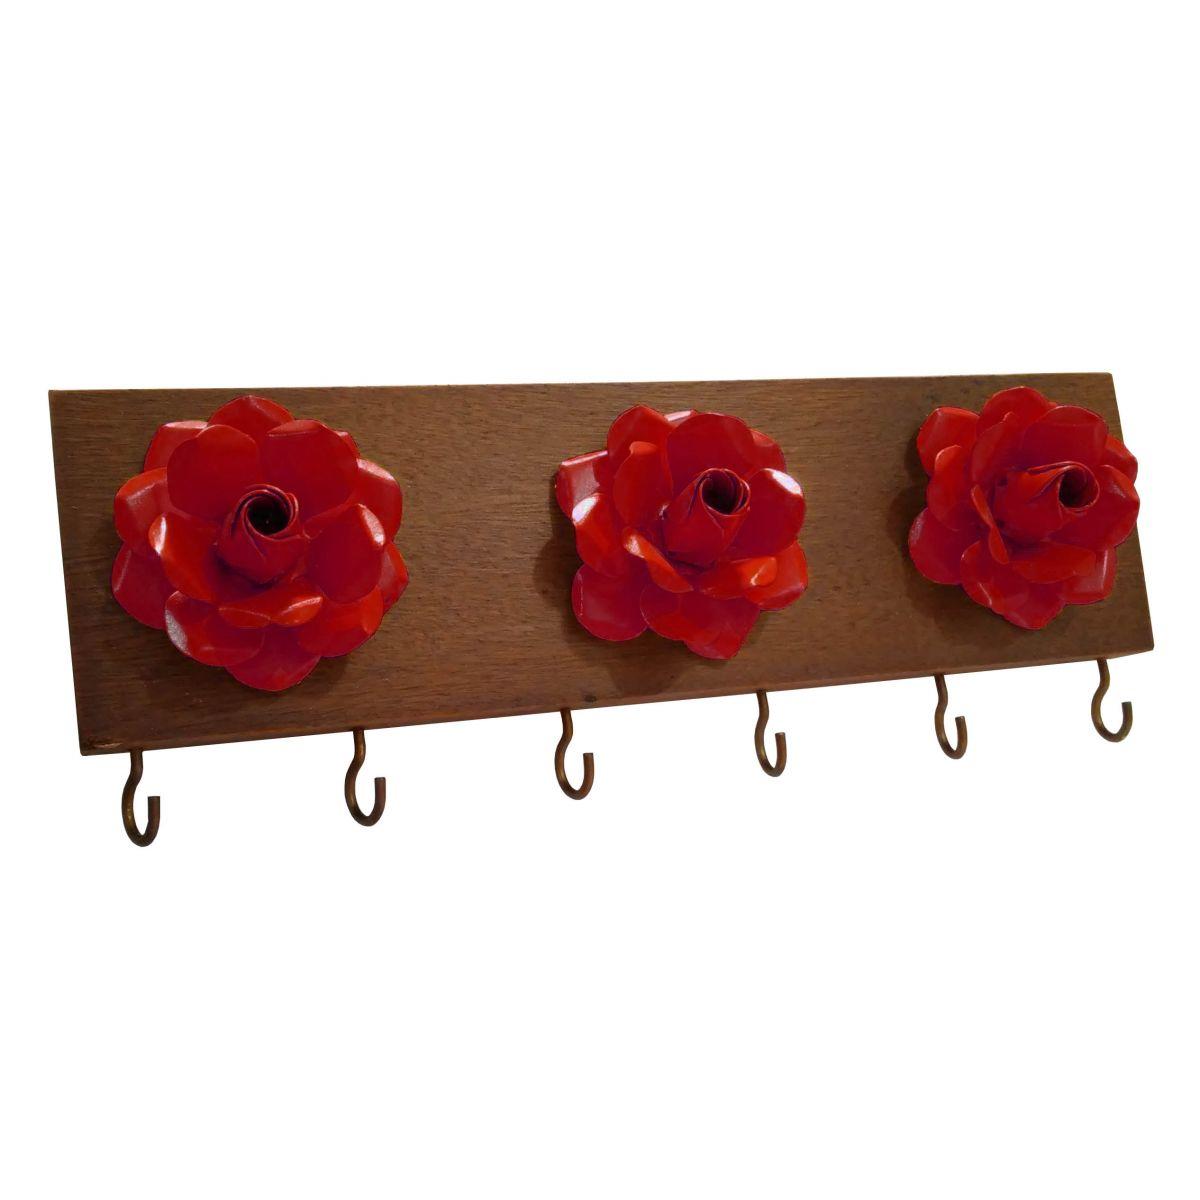 Porta Chave de Ferro e Madeira com Flores Artesanal de Parede